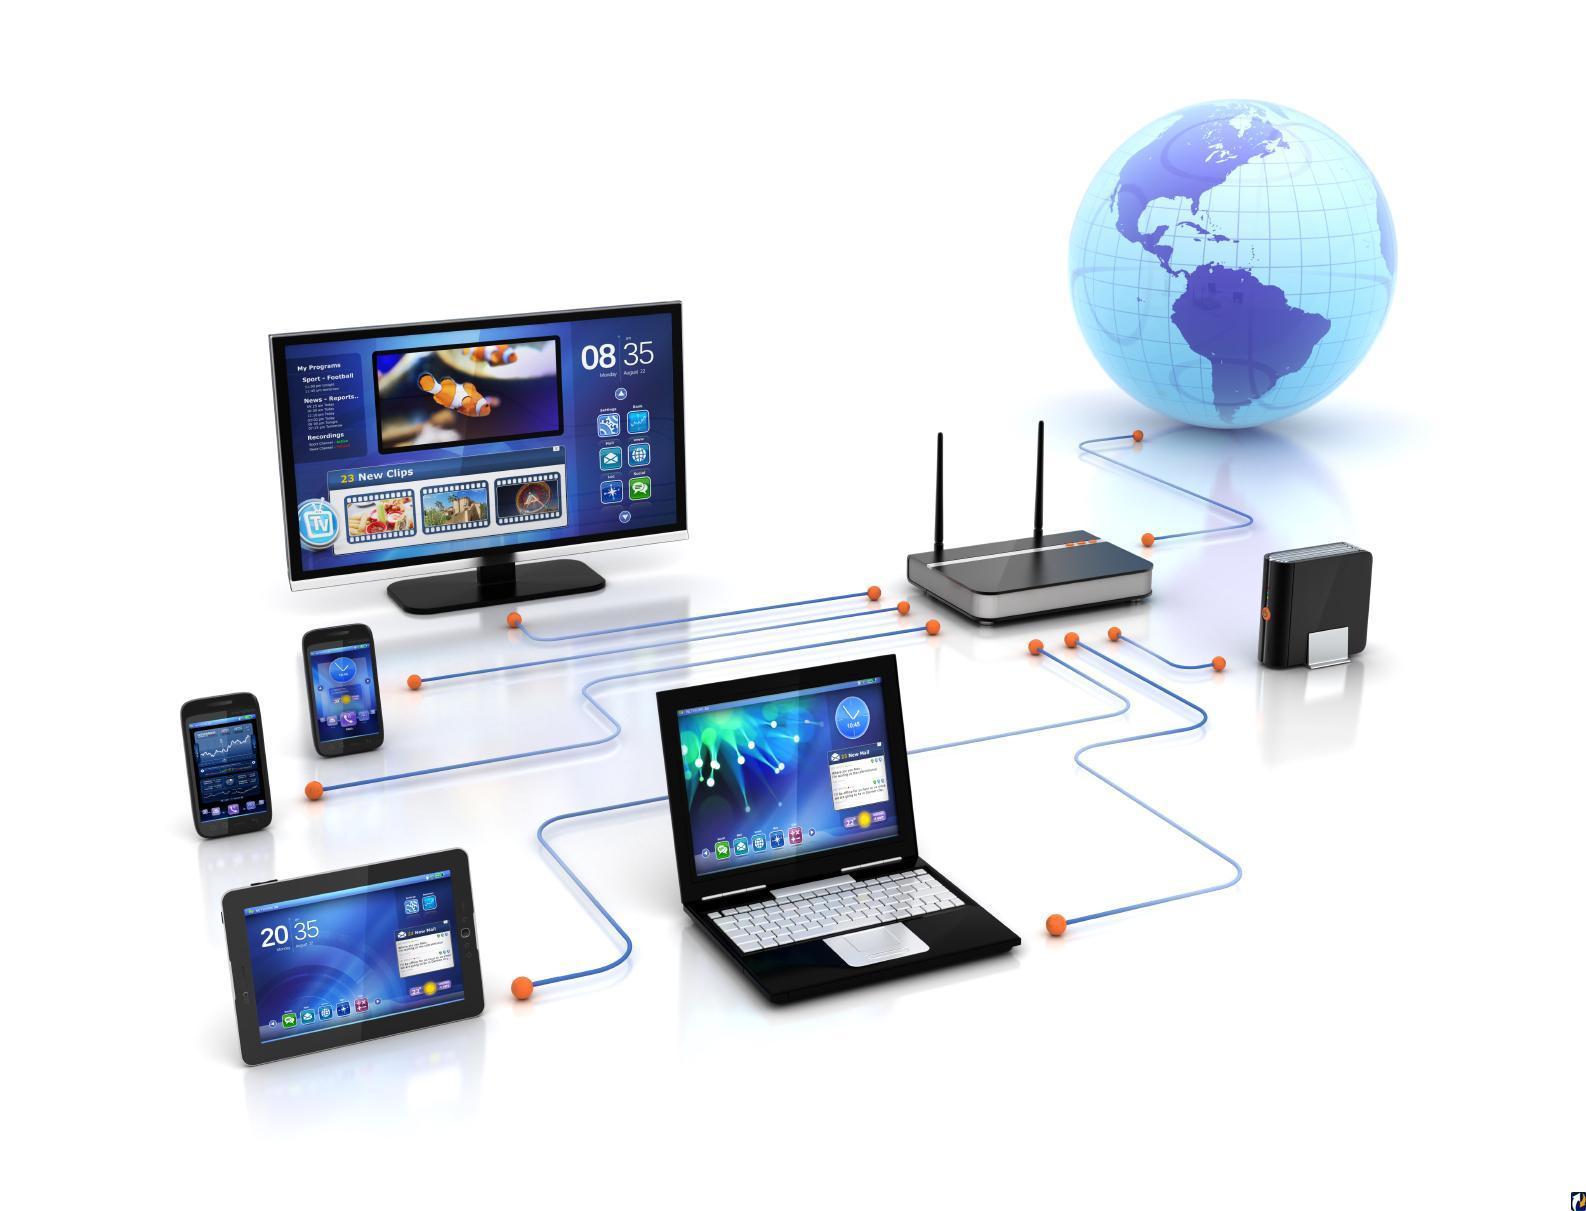 Домашняя локальная сеть: топология, настройка, подключение устройств, сетевое хранилище и общий доступ.